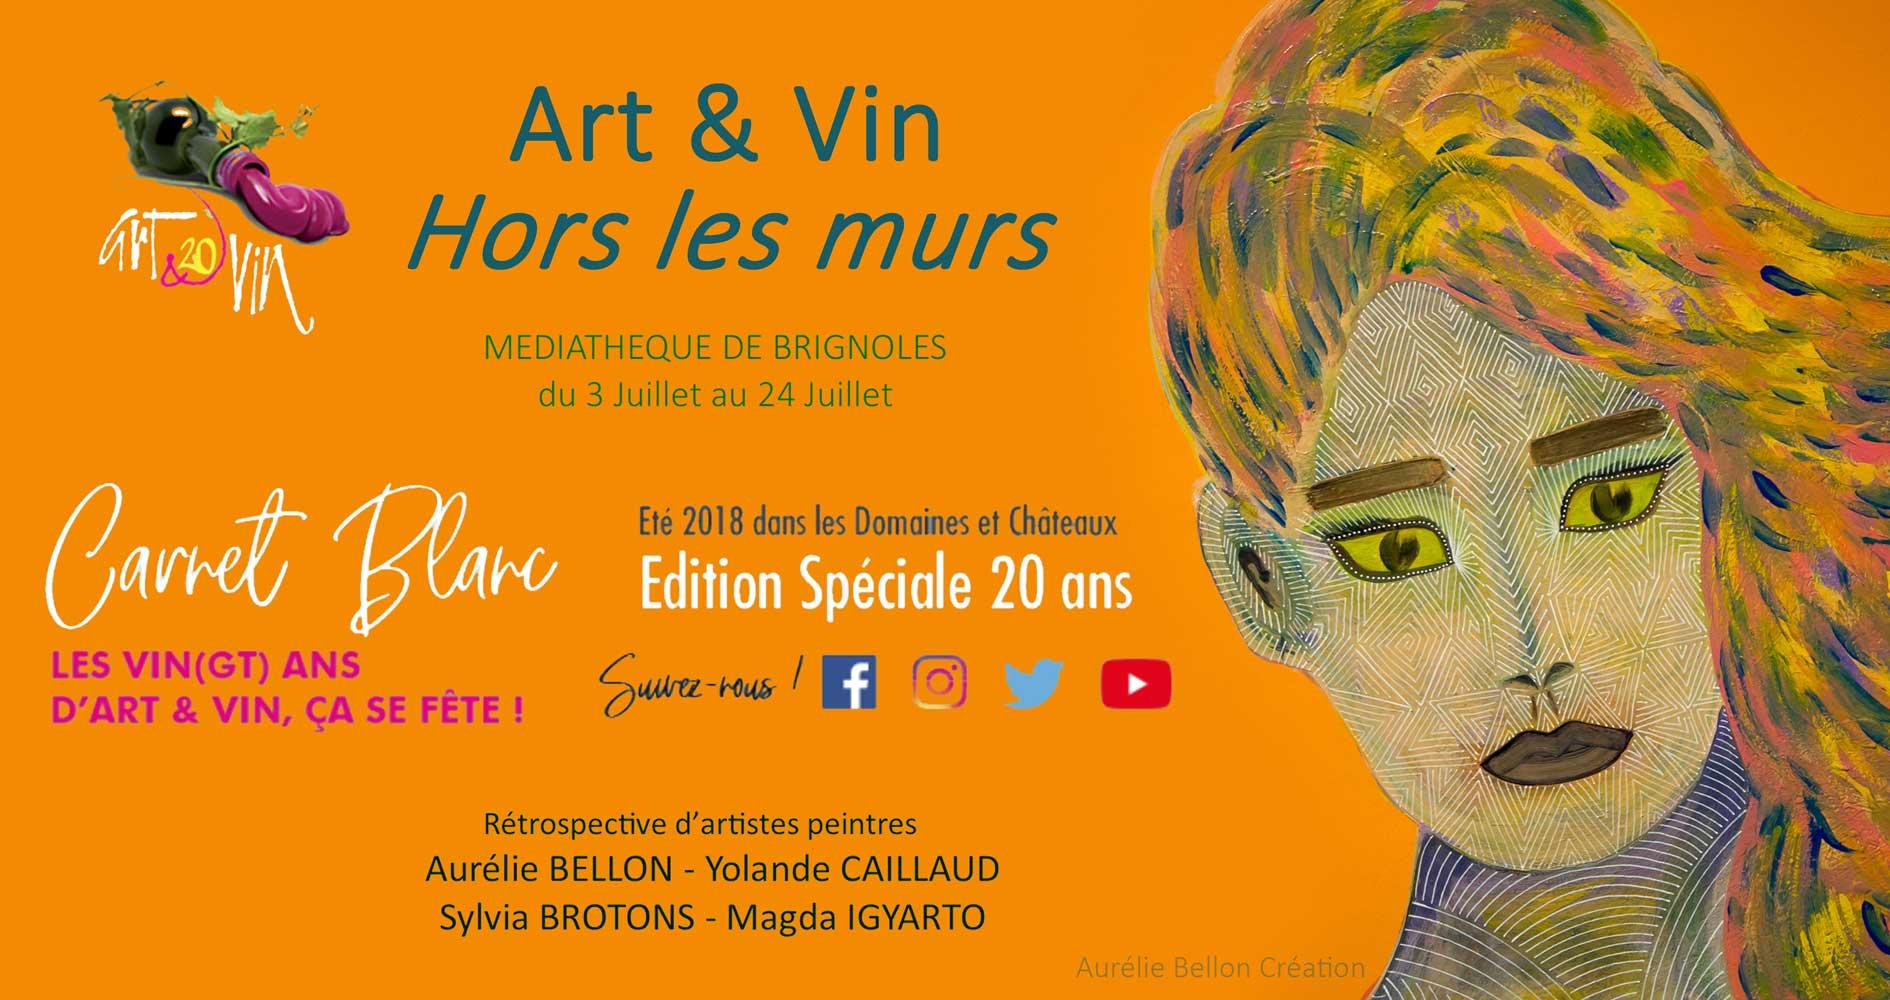 Com expo Art & Vin hors les murs // © Aurélie Bellon